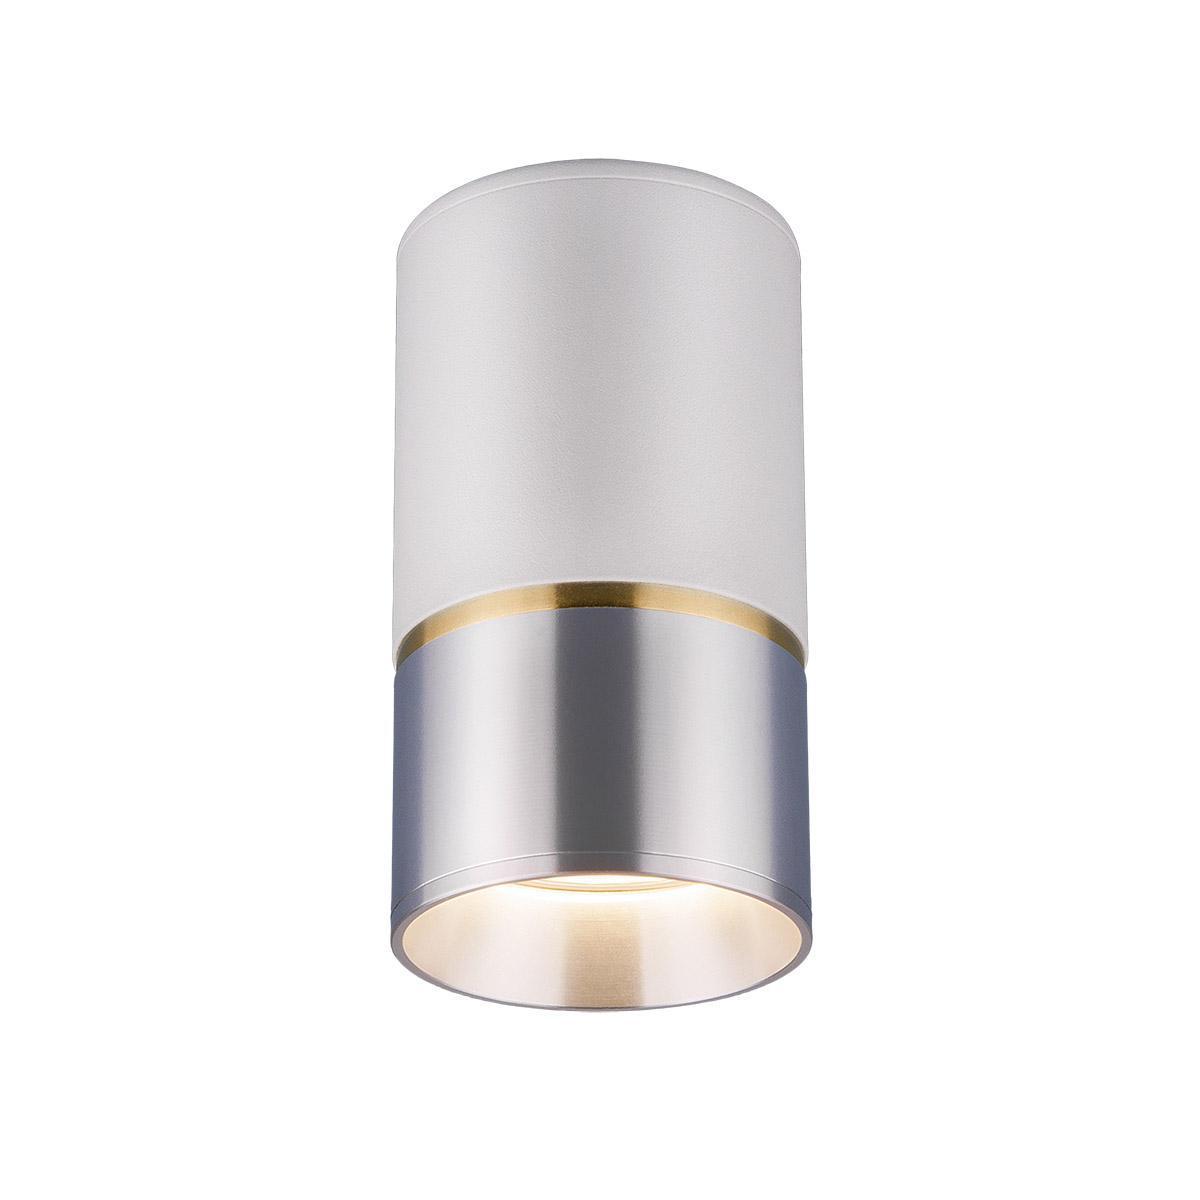 Потолочный светильник Elektrostandard DLN106 GU10 белый/серебро 4690389148606